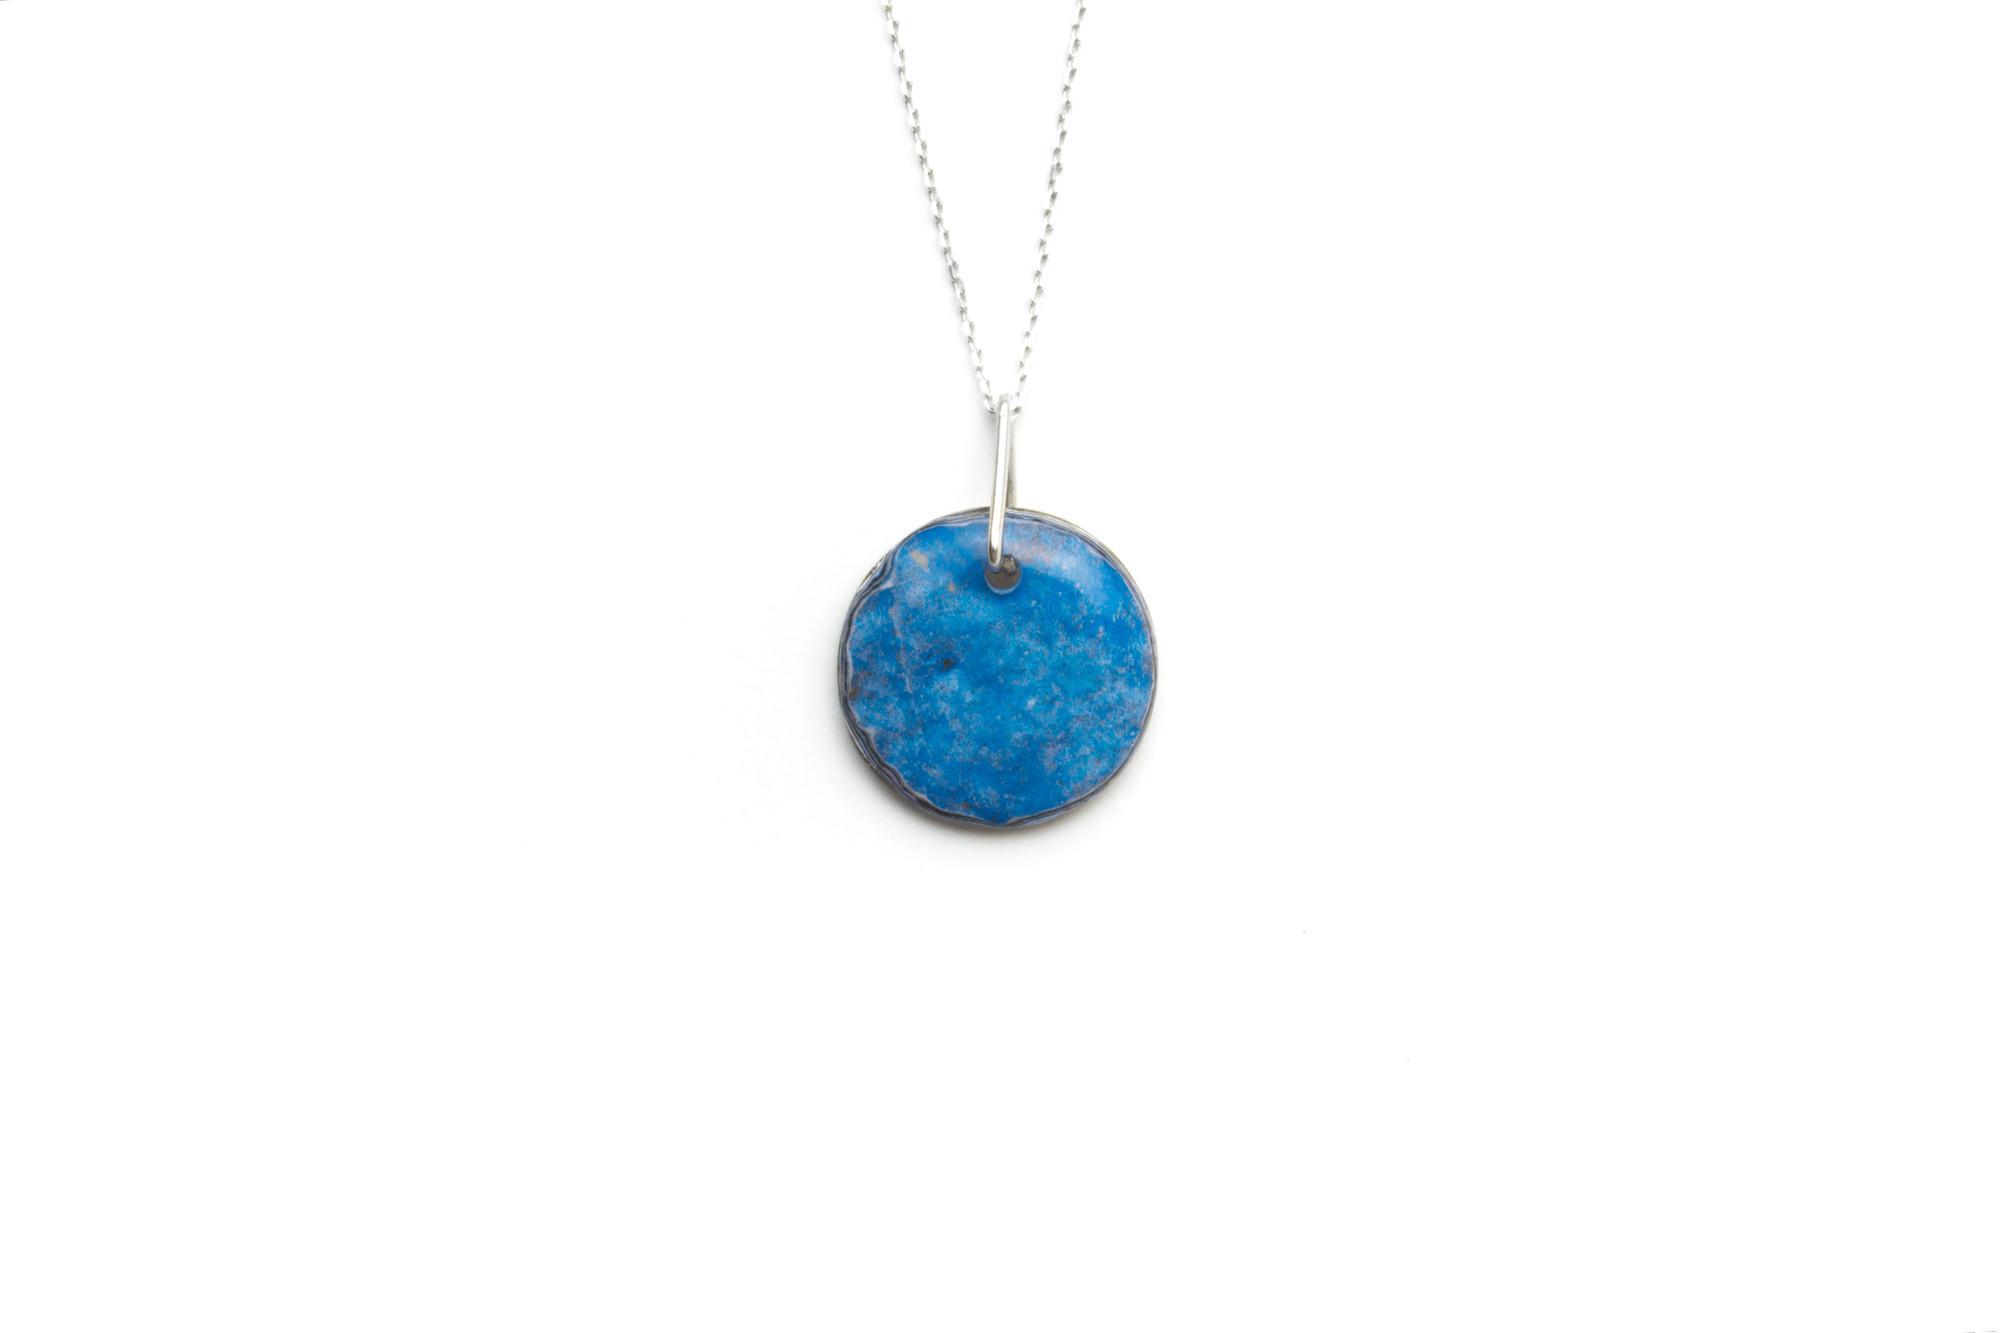 Unique graffiti stone pendant on sterling silver chain.